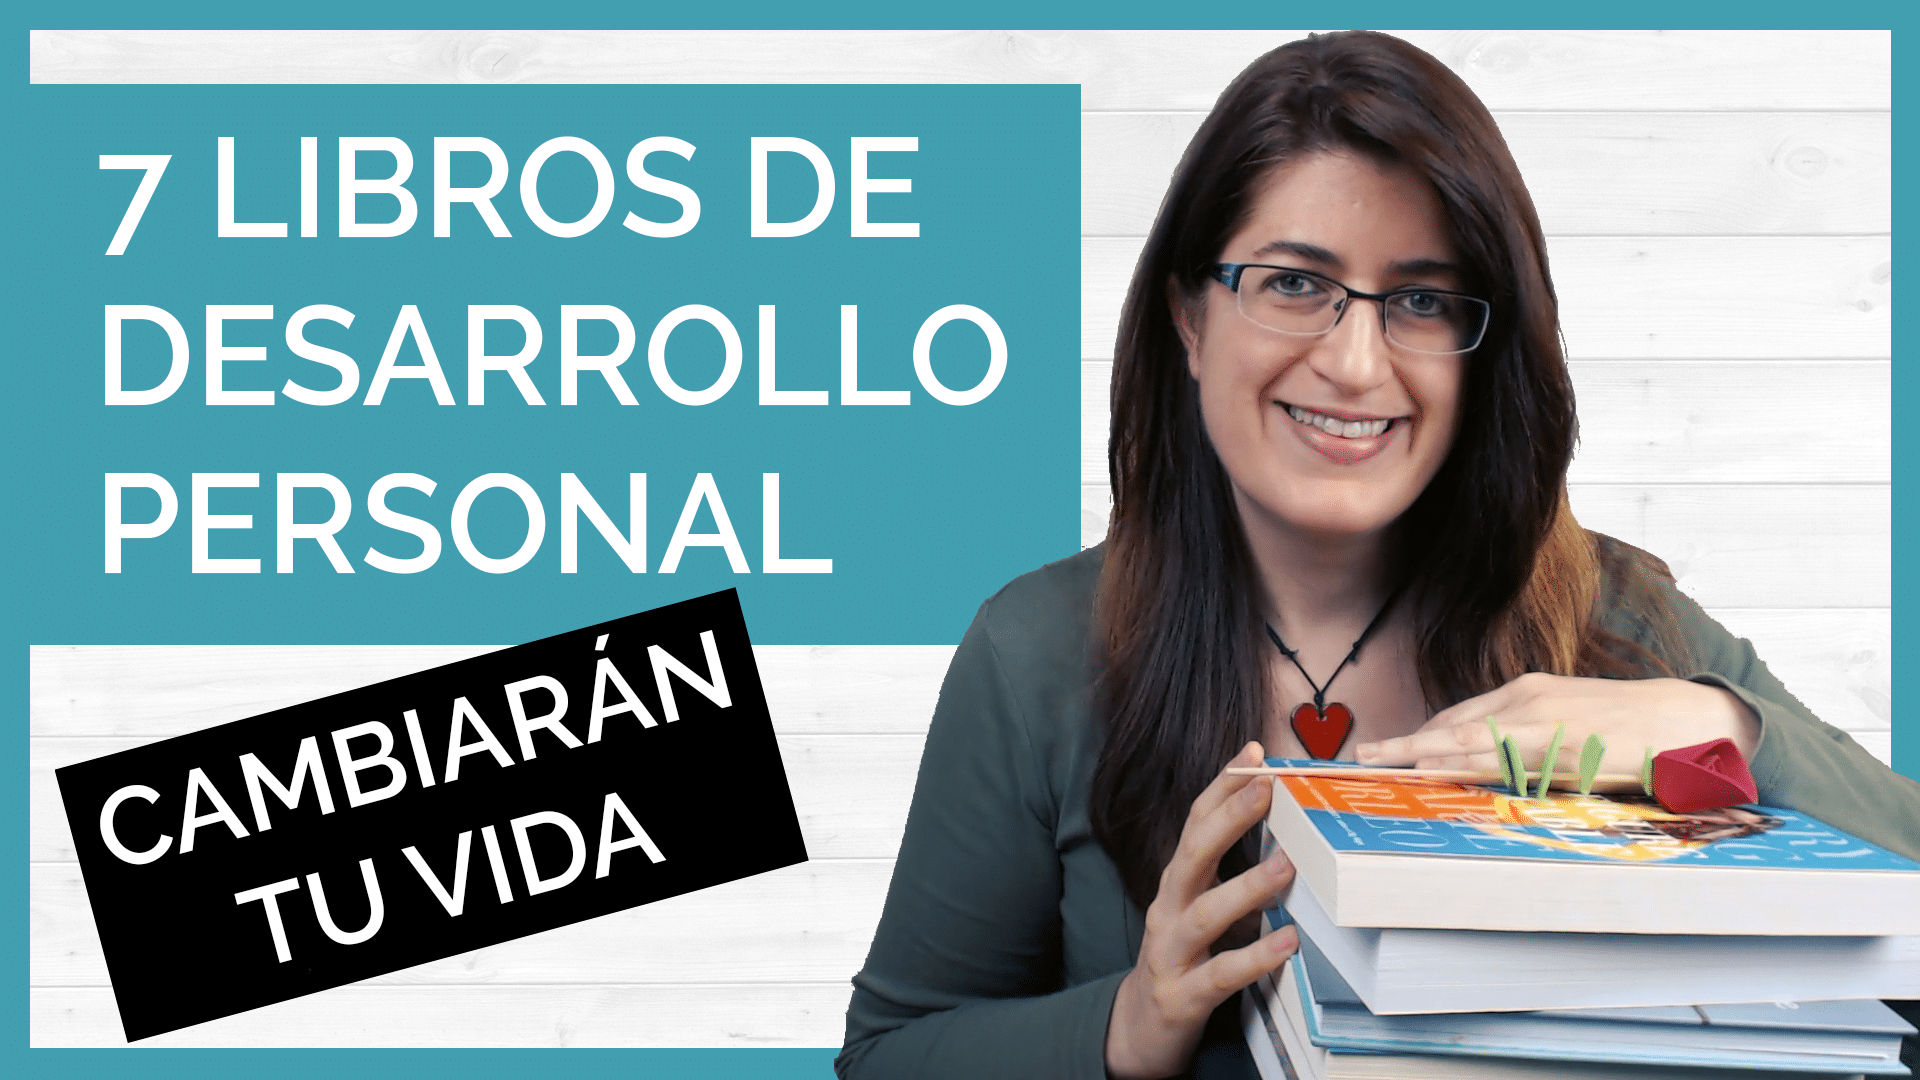 7 libros de desarrollo personal que cambiarán tu vida